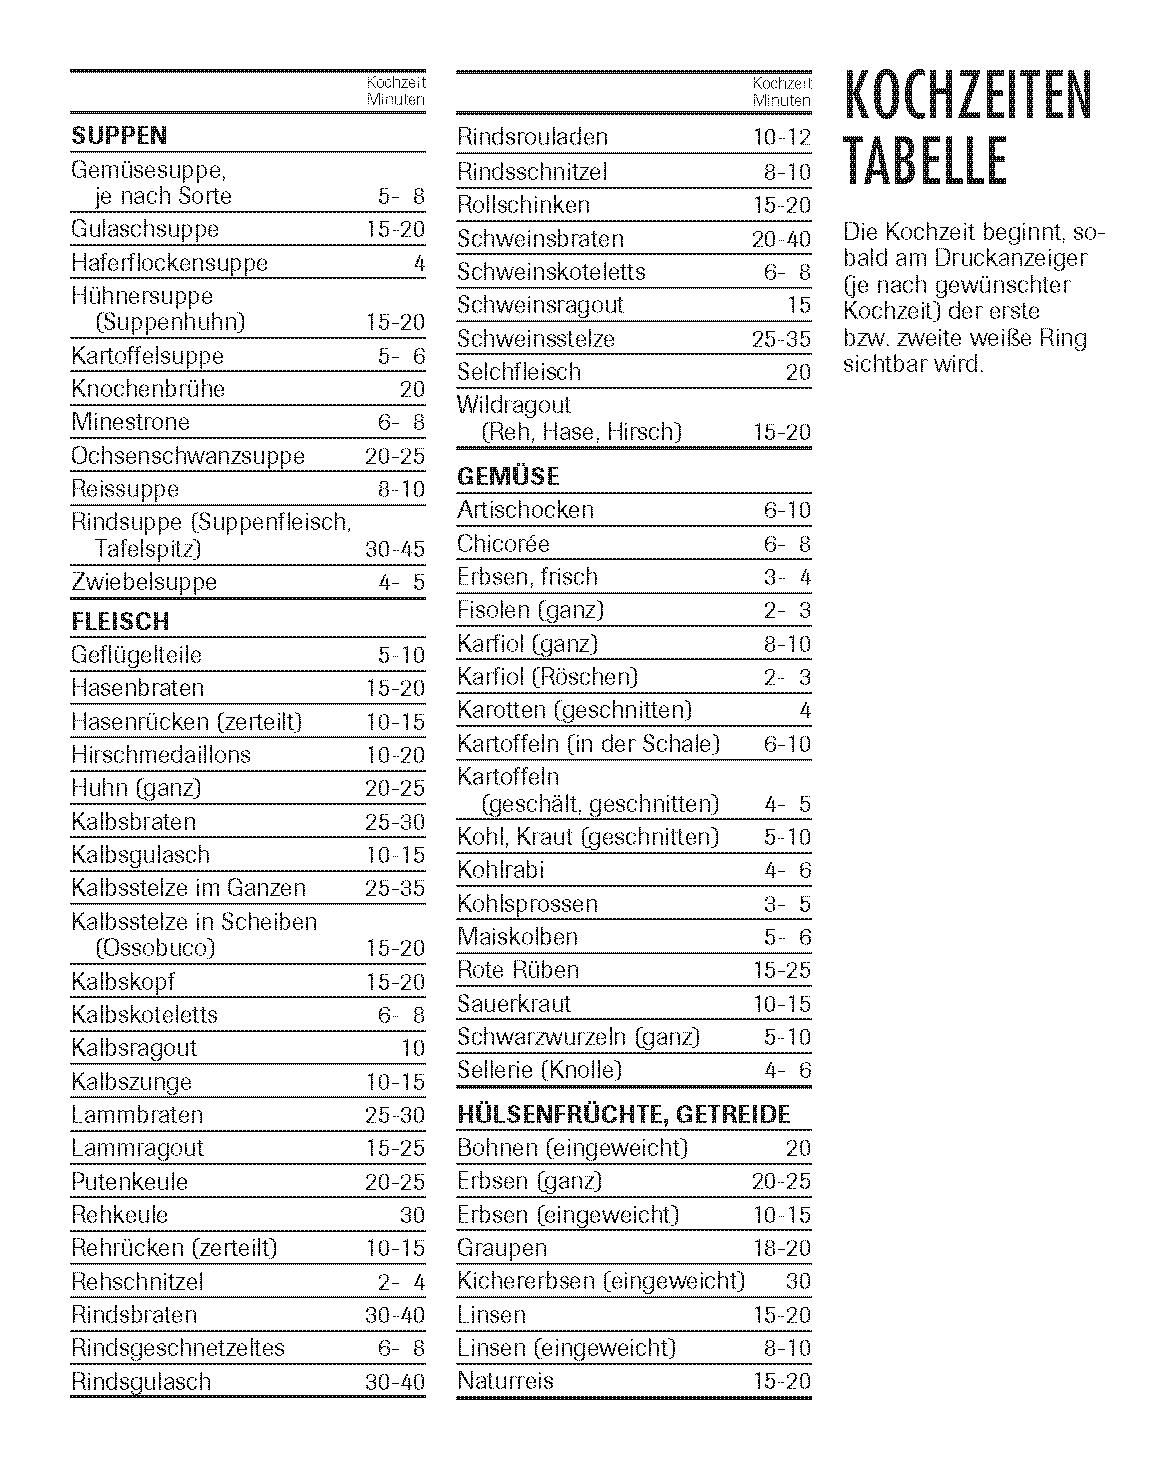 kelomat_schnellkochen_kochzeittabelle